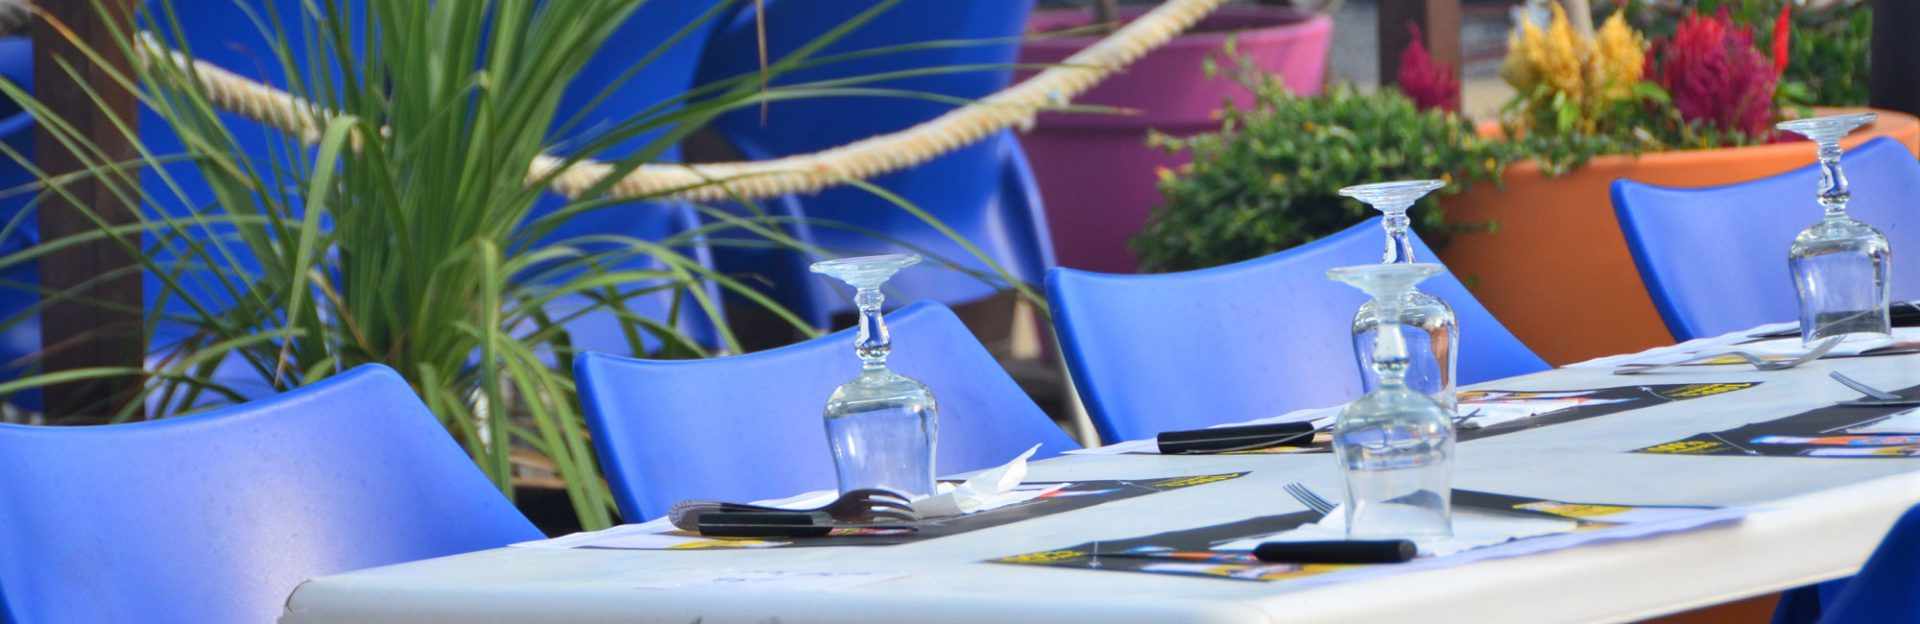 Table du restaurant au camping Vias : le domaine Sainte Veziane